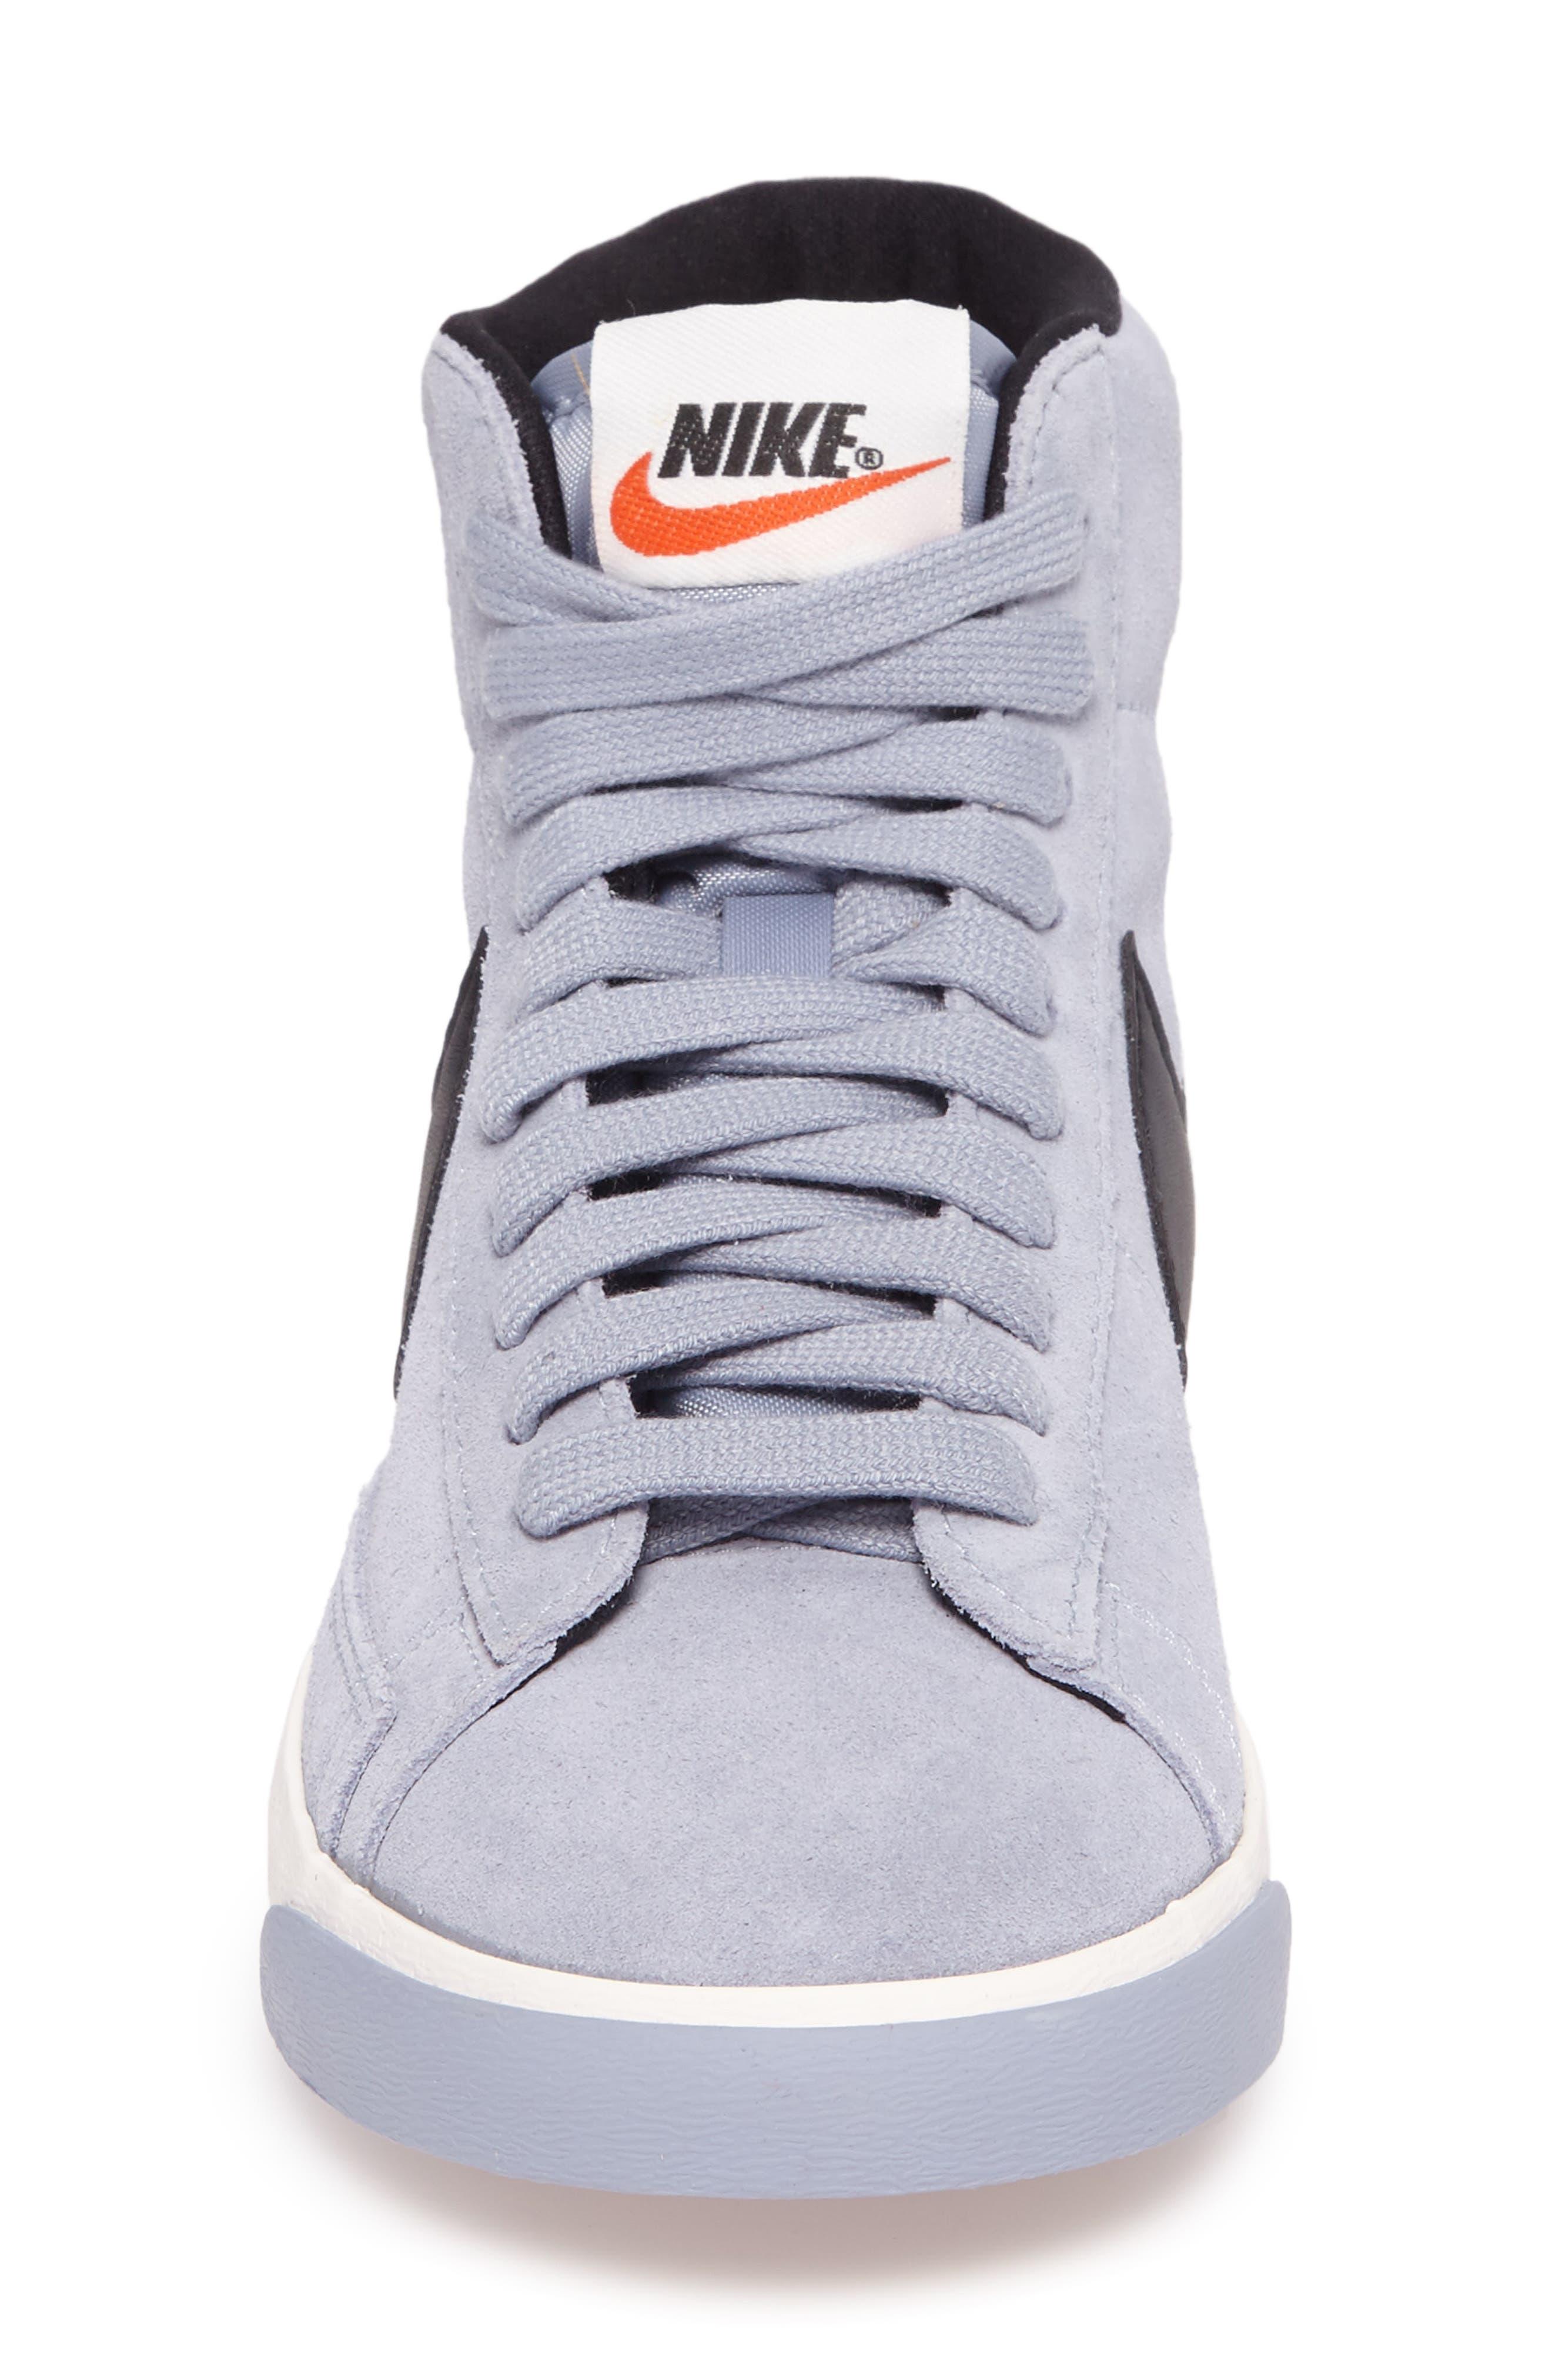 Alternate Image 4  - Nike Blazer Mid Vintage Sneakers (Women)